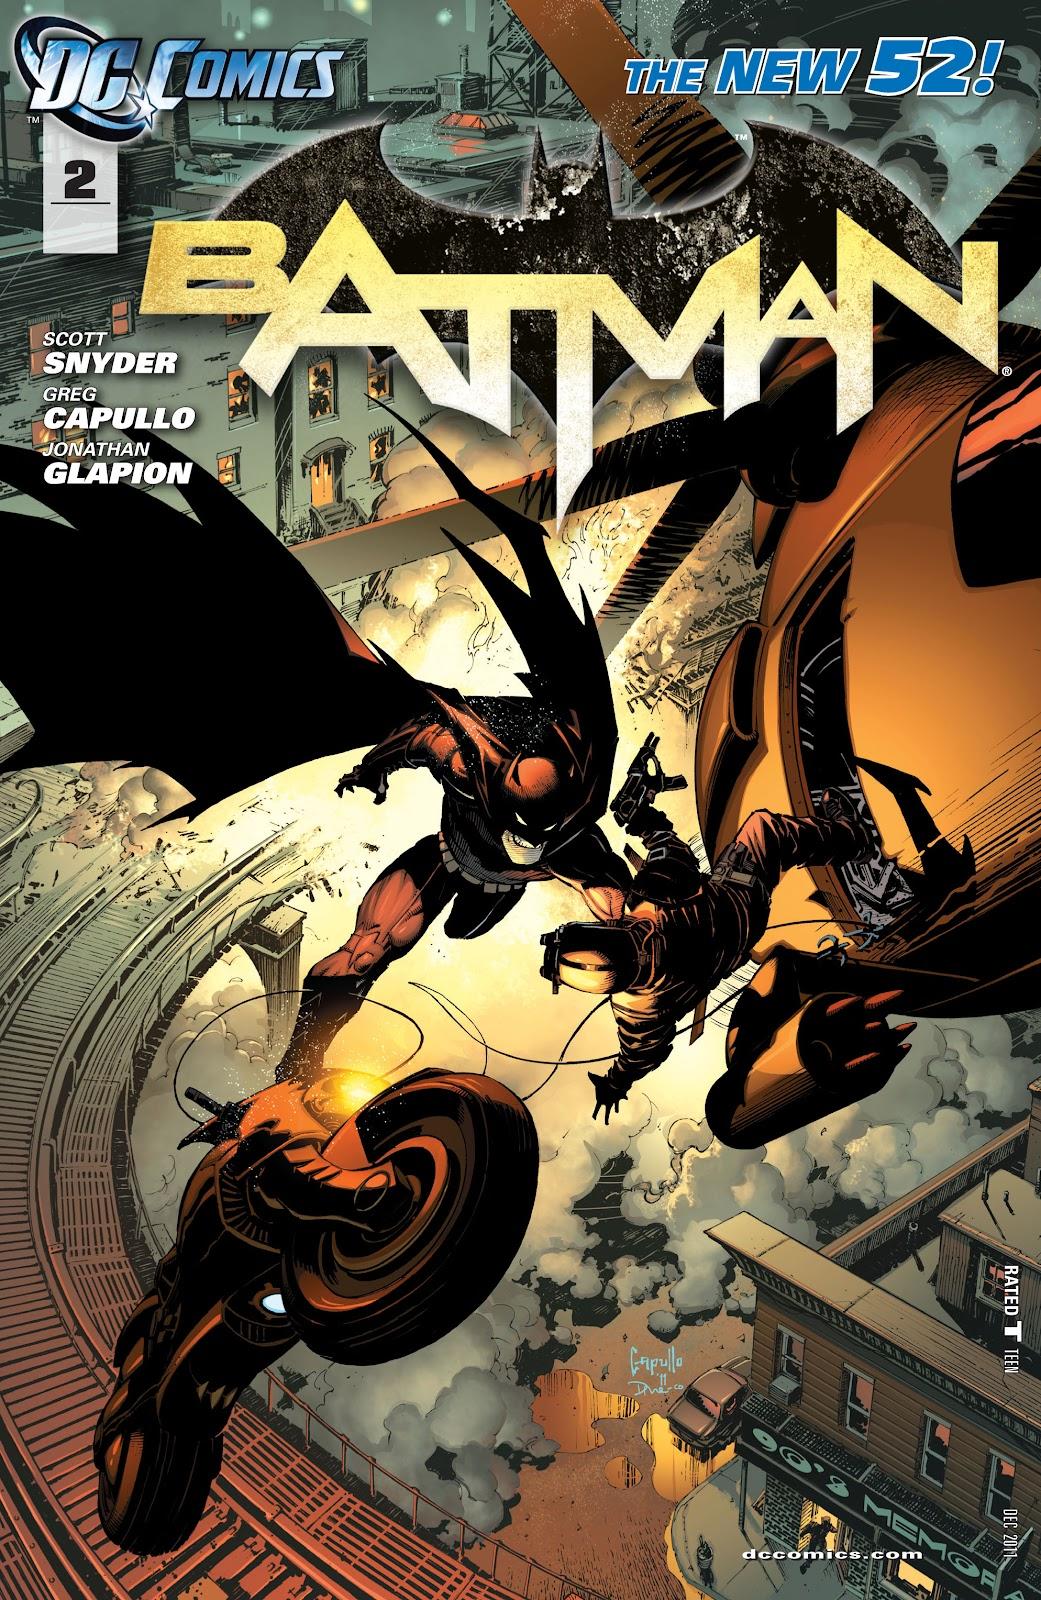 Batman (2011) Issue #2 #17 - English 1